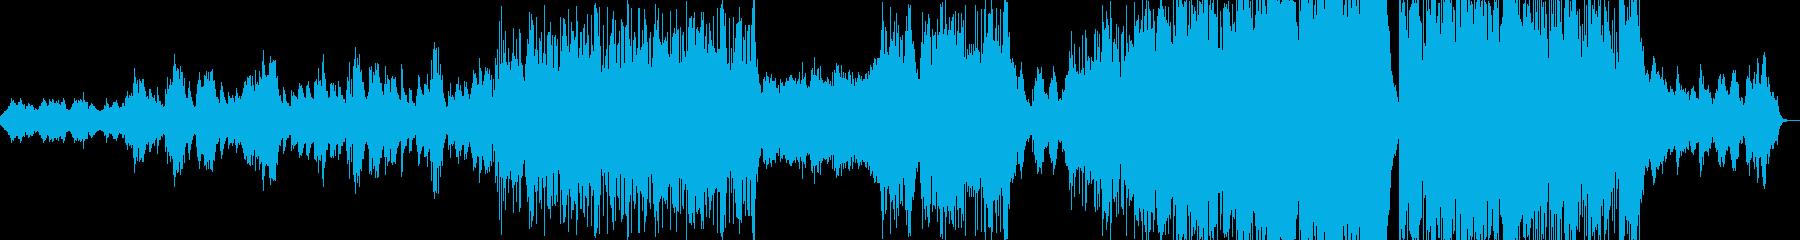 アンビエントで幻想的なエレクトロの再生済みの波形